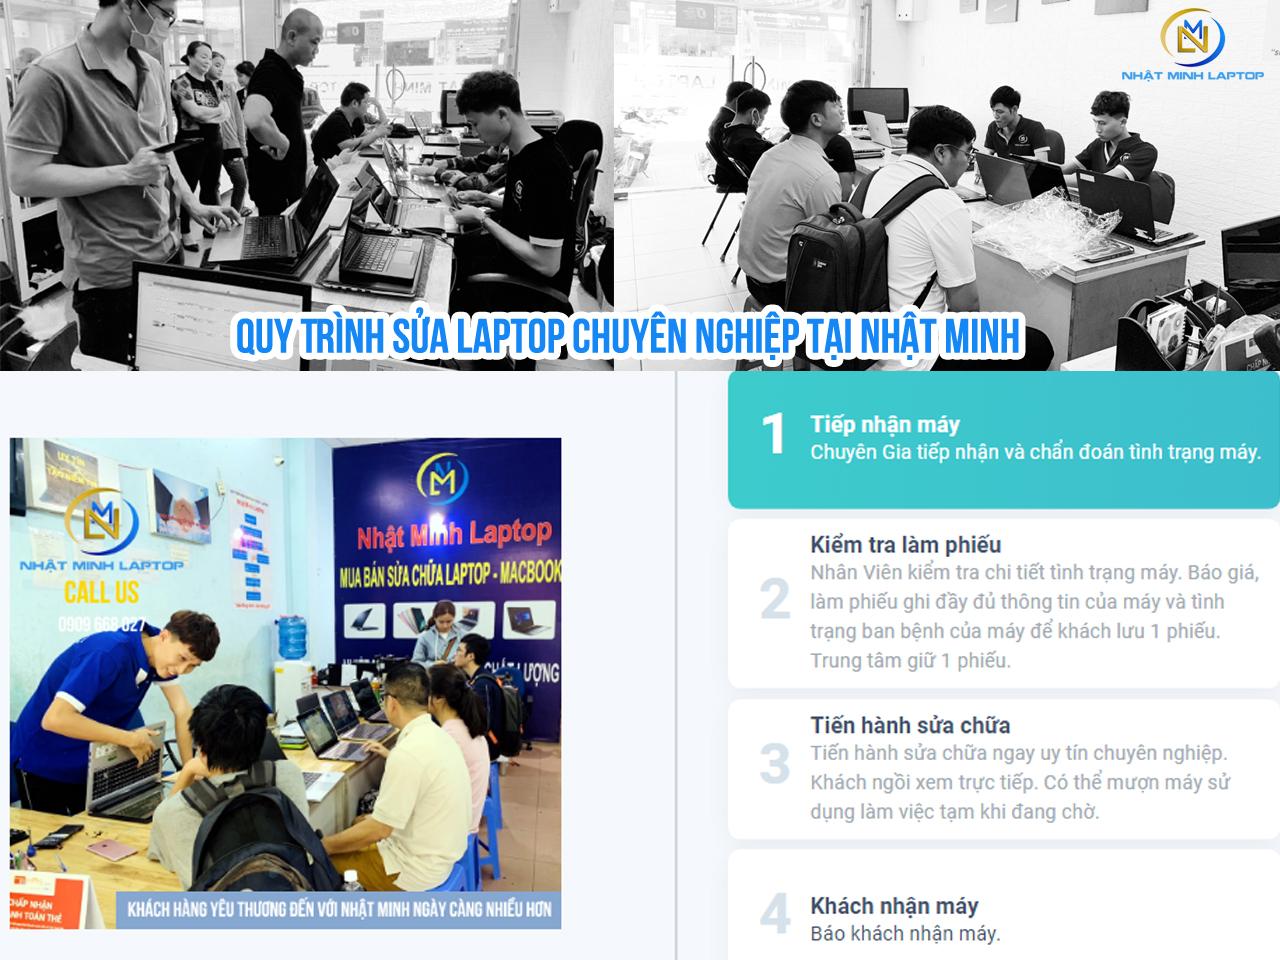 Quy Trình Sửa Laptop Chuyên Nghiệp tại Nhật Minh